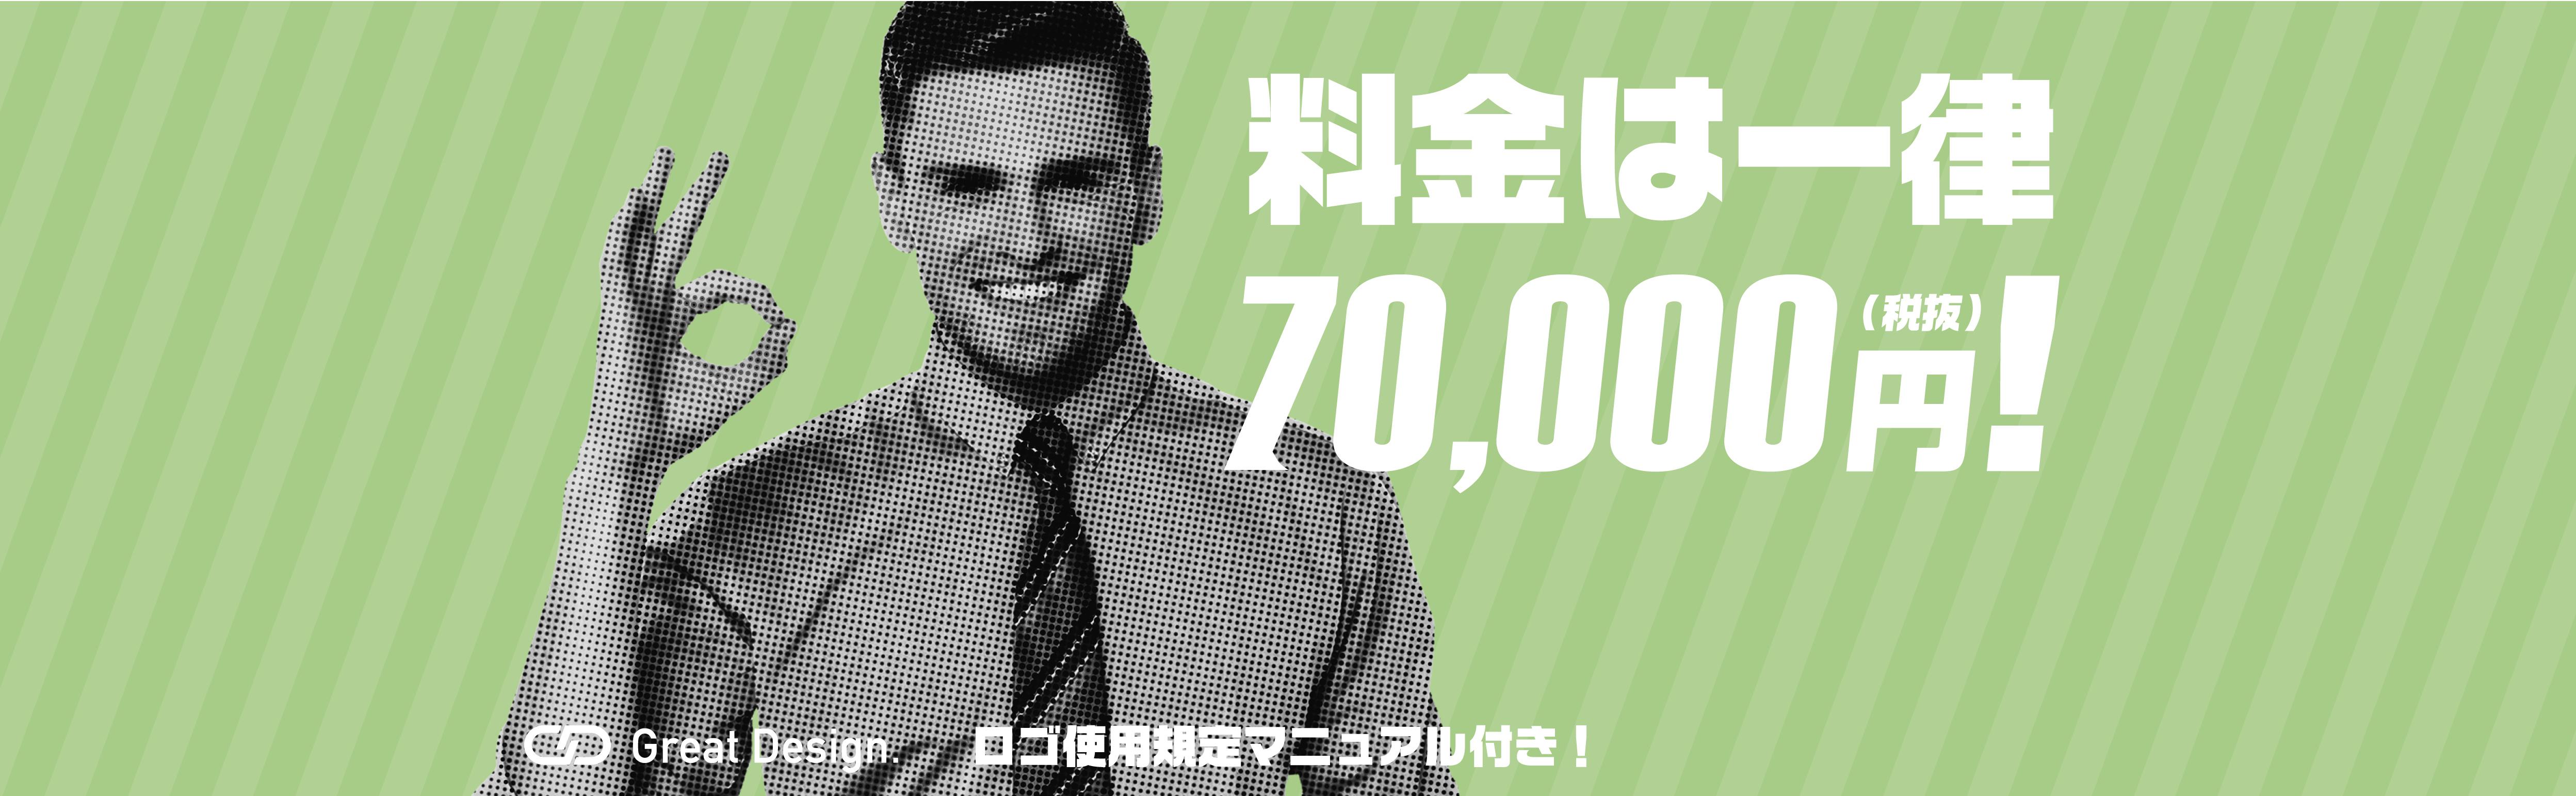 ロゴ制作(3〜4提案)料金は一律70,000円!